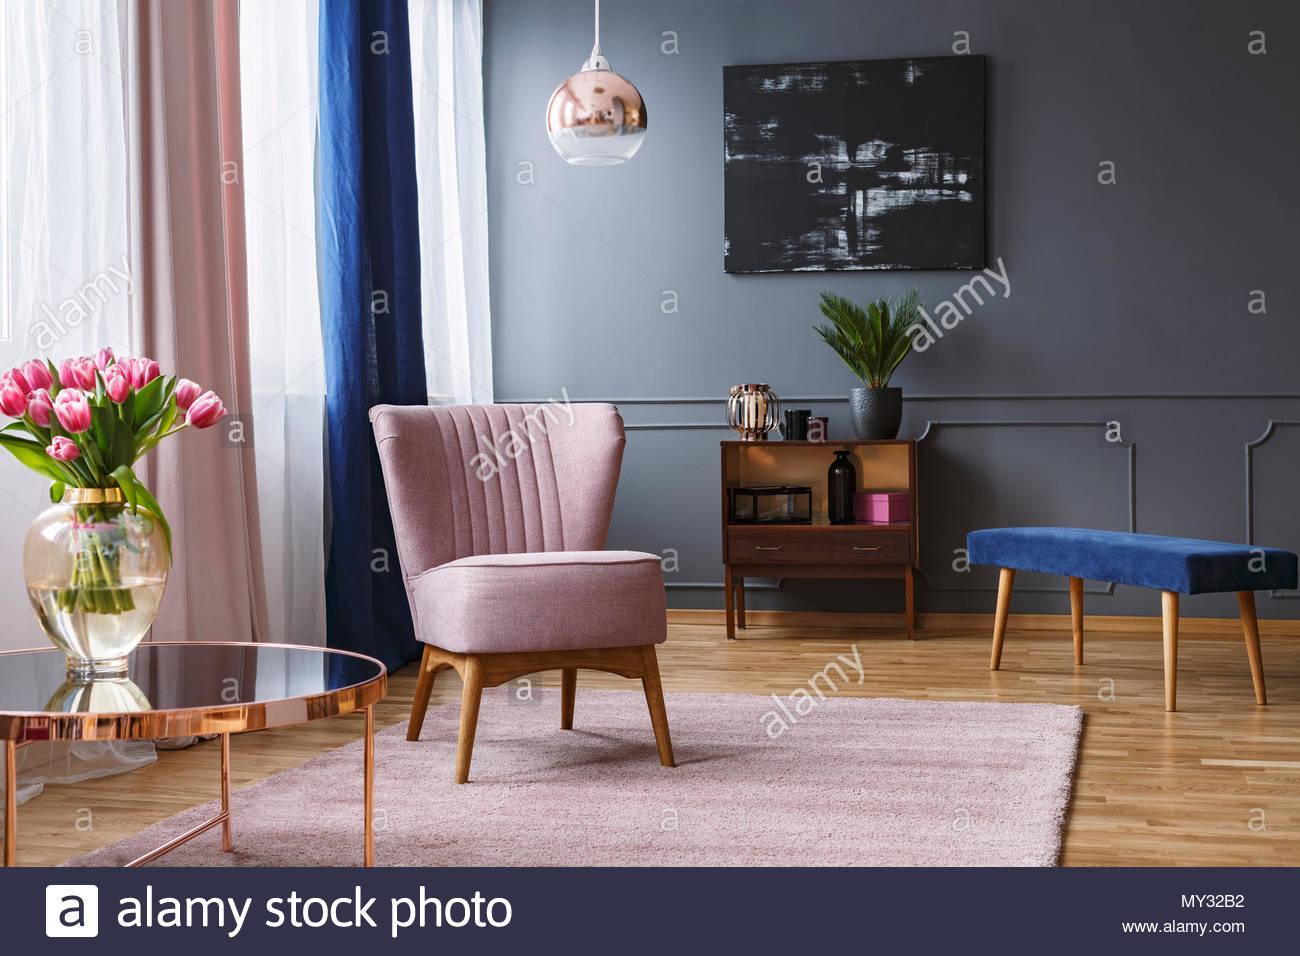 Wohnzimmer Lampe Stehend